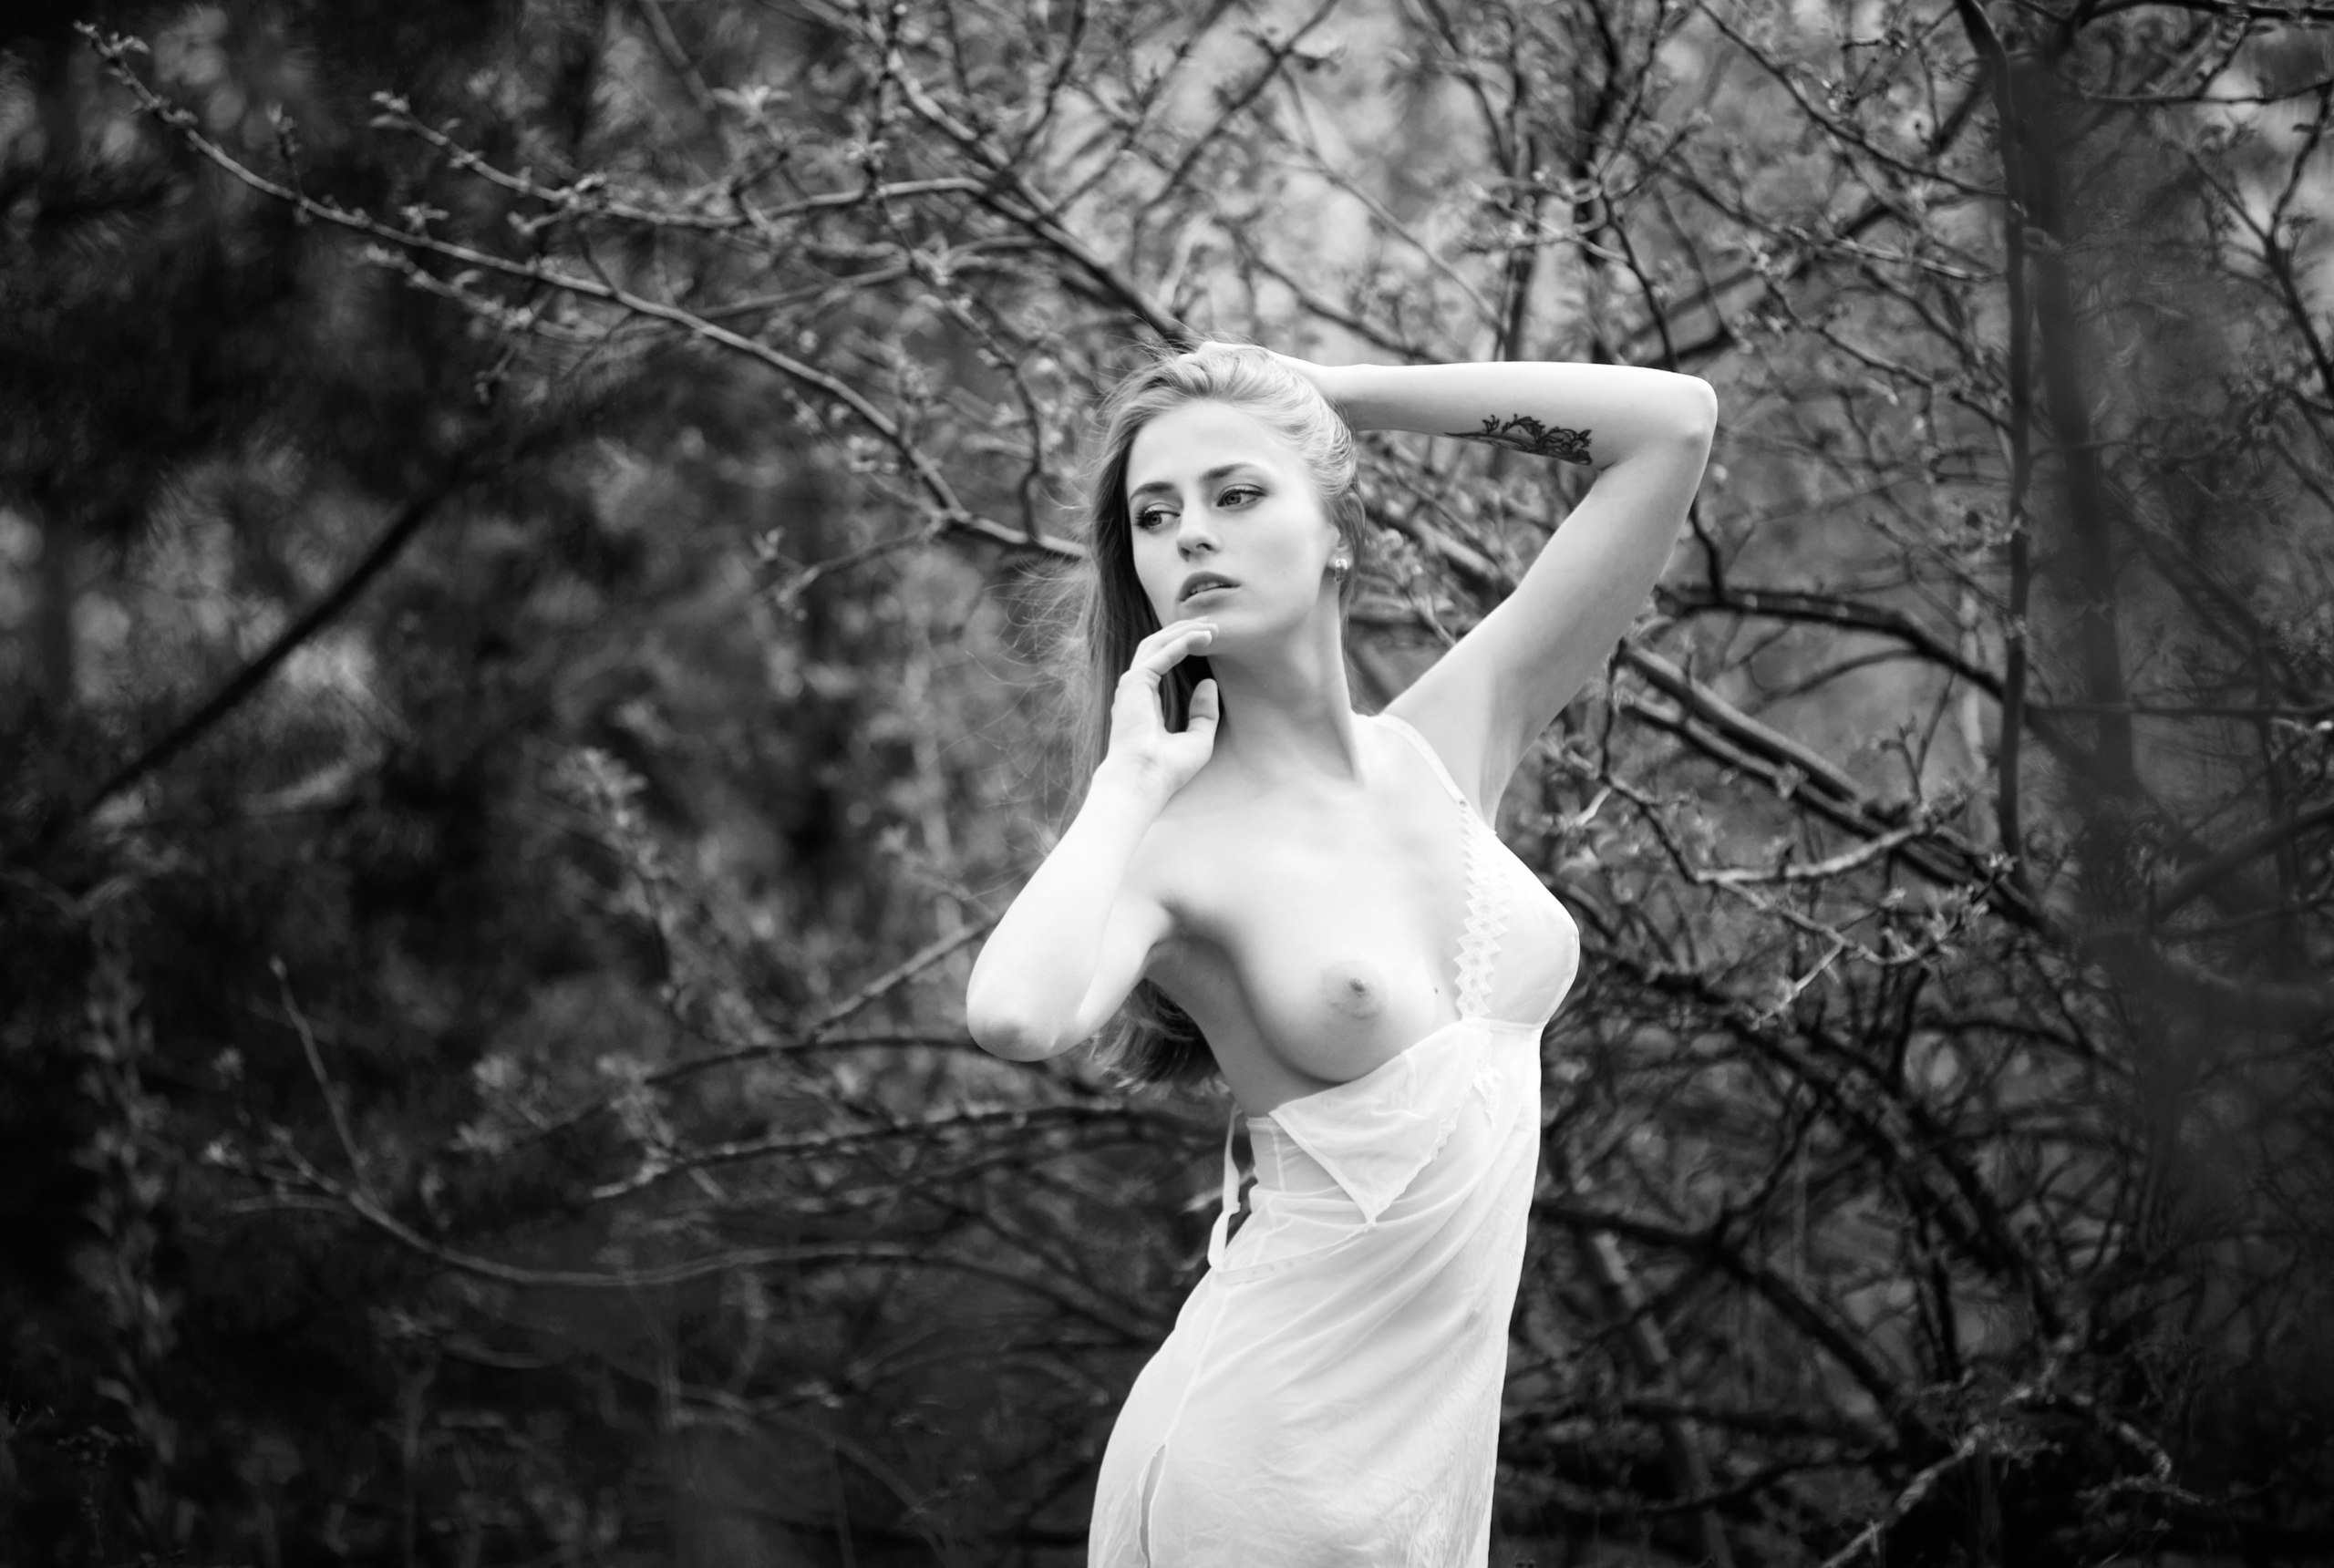 девушка, ню, эротика, портрет, черно-белое, природа, Павел Рыженков